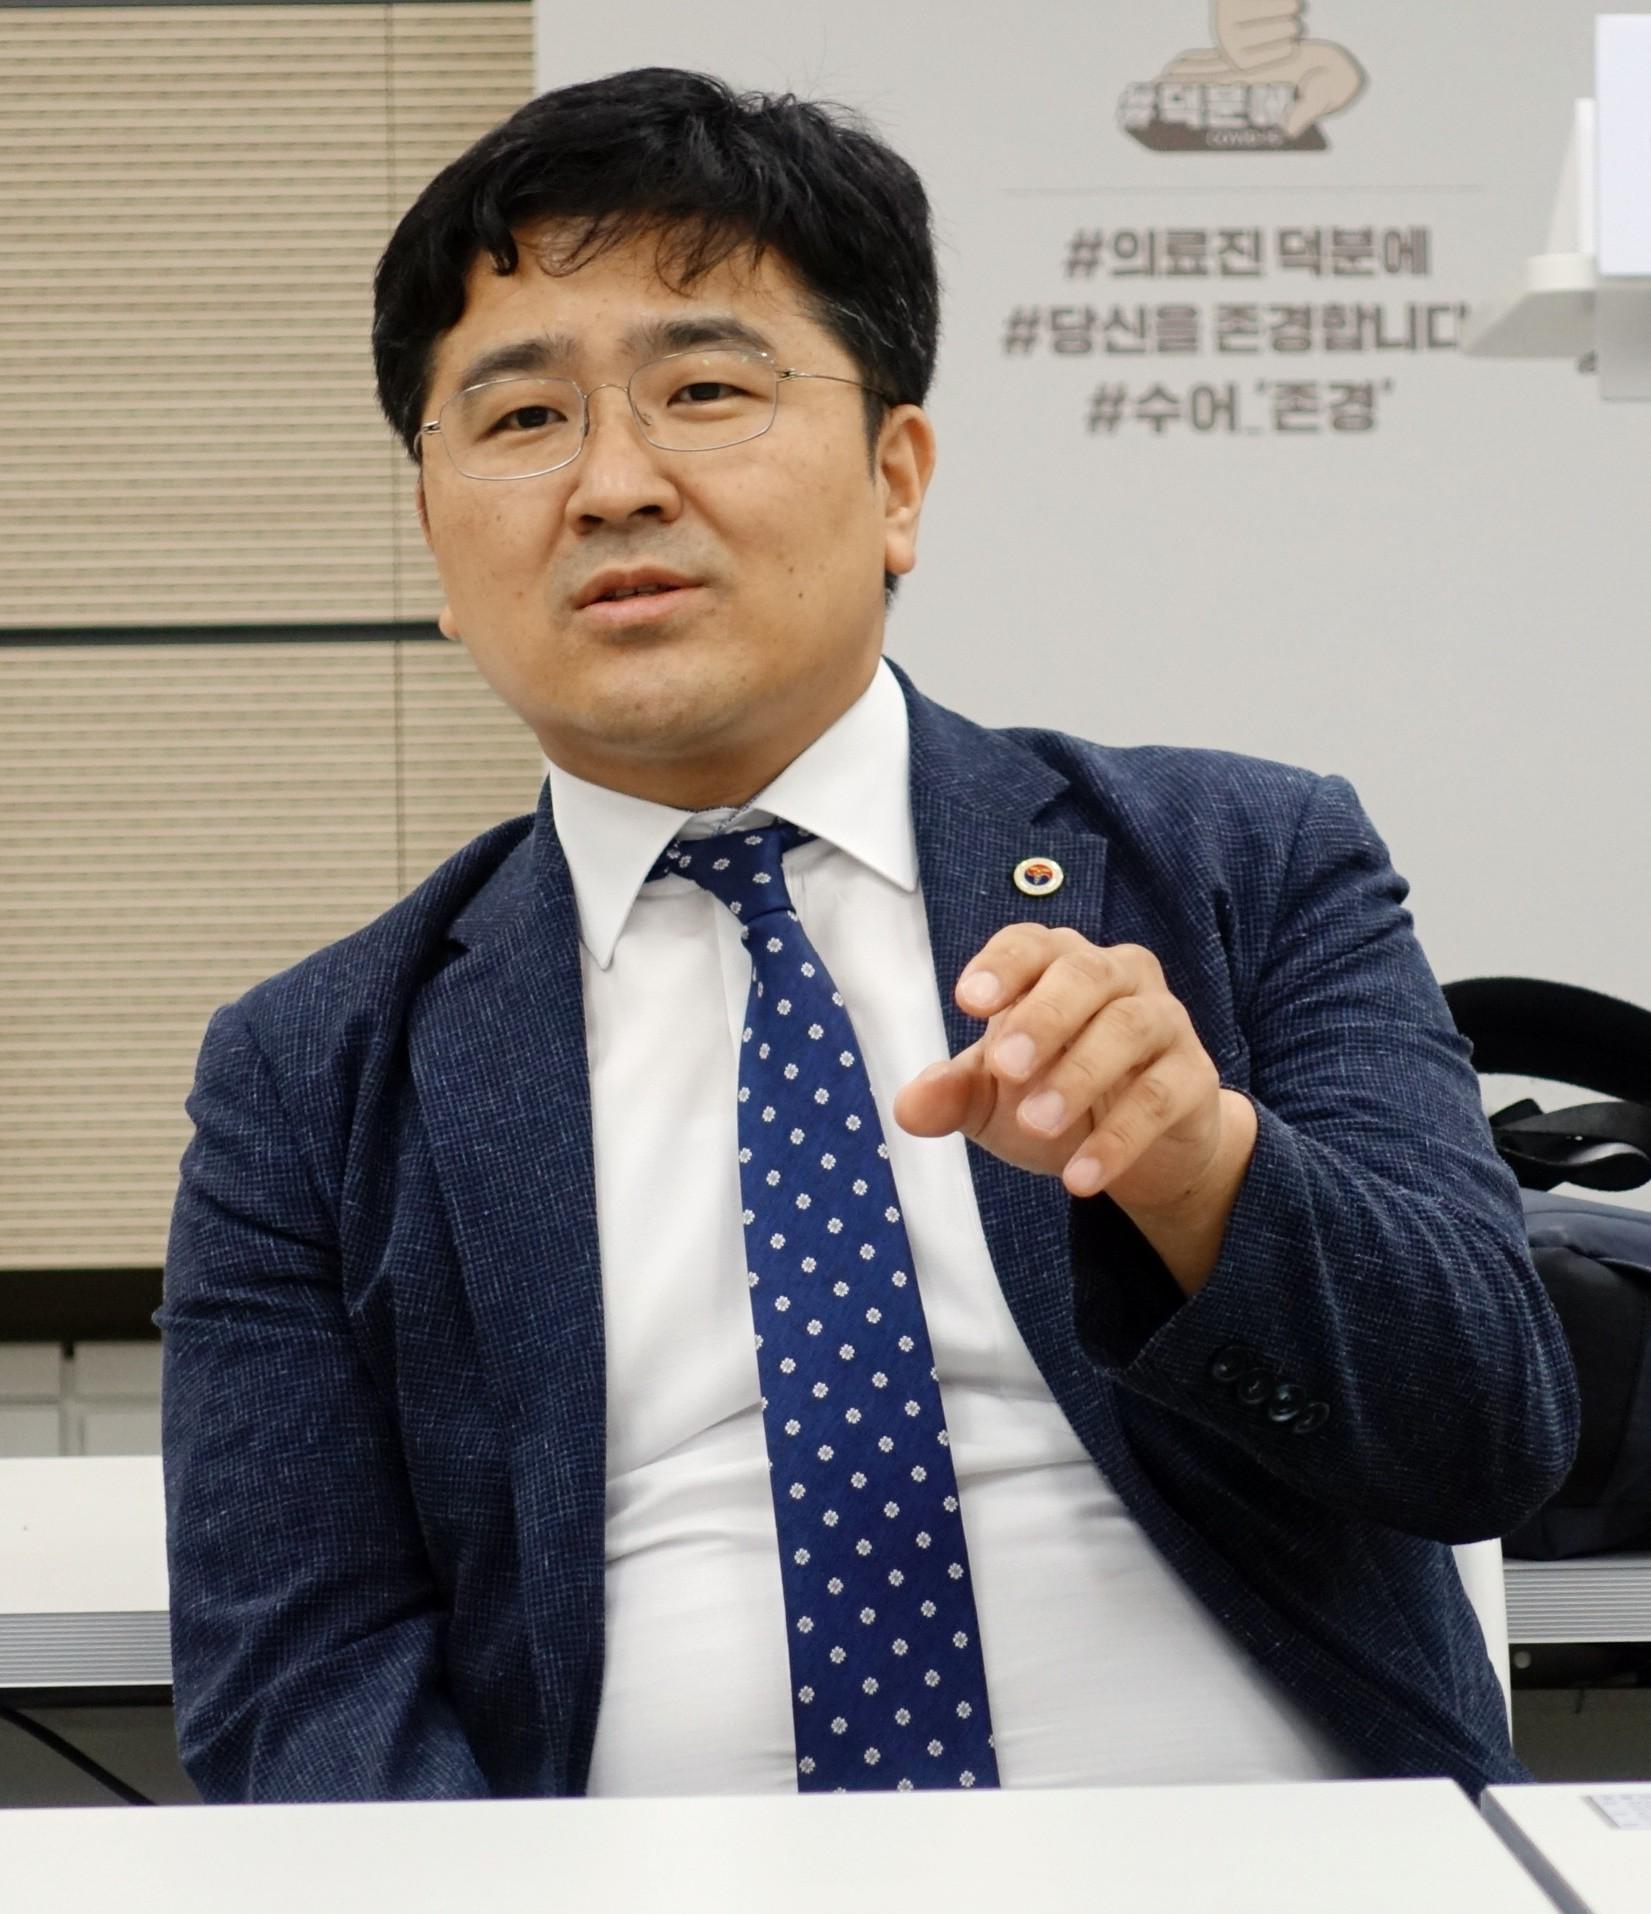 의협 박종혁 총무이사 겸 대변인